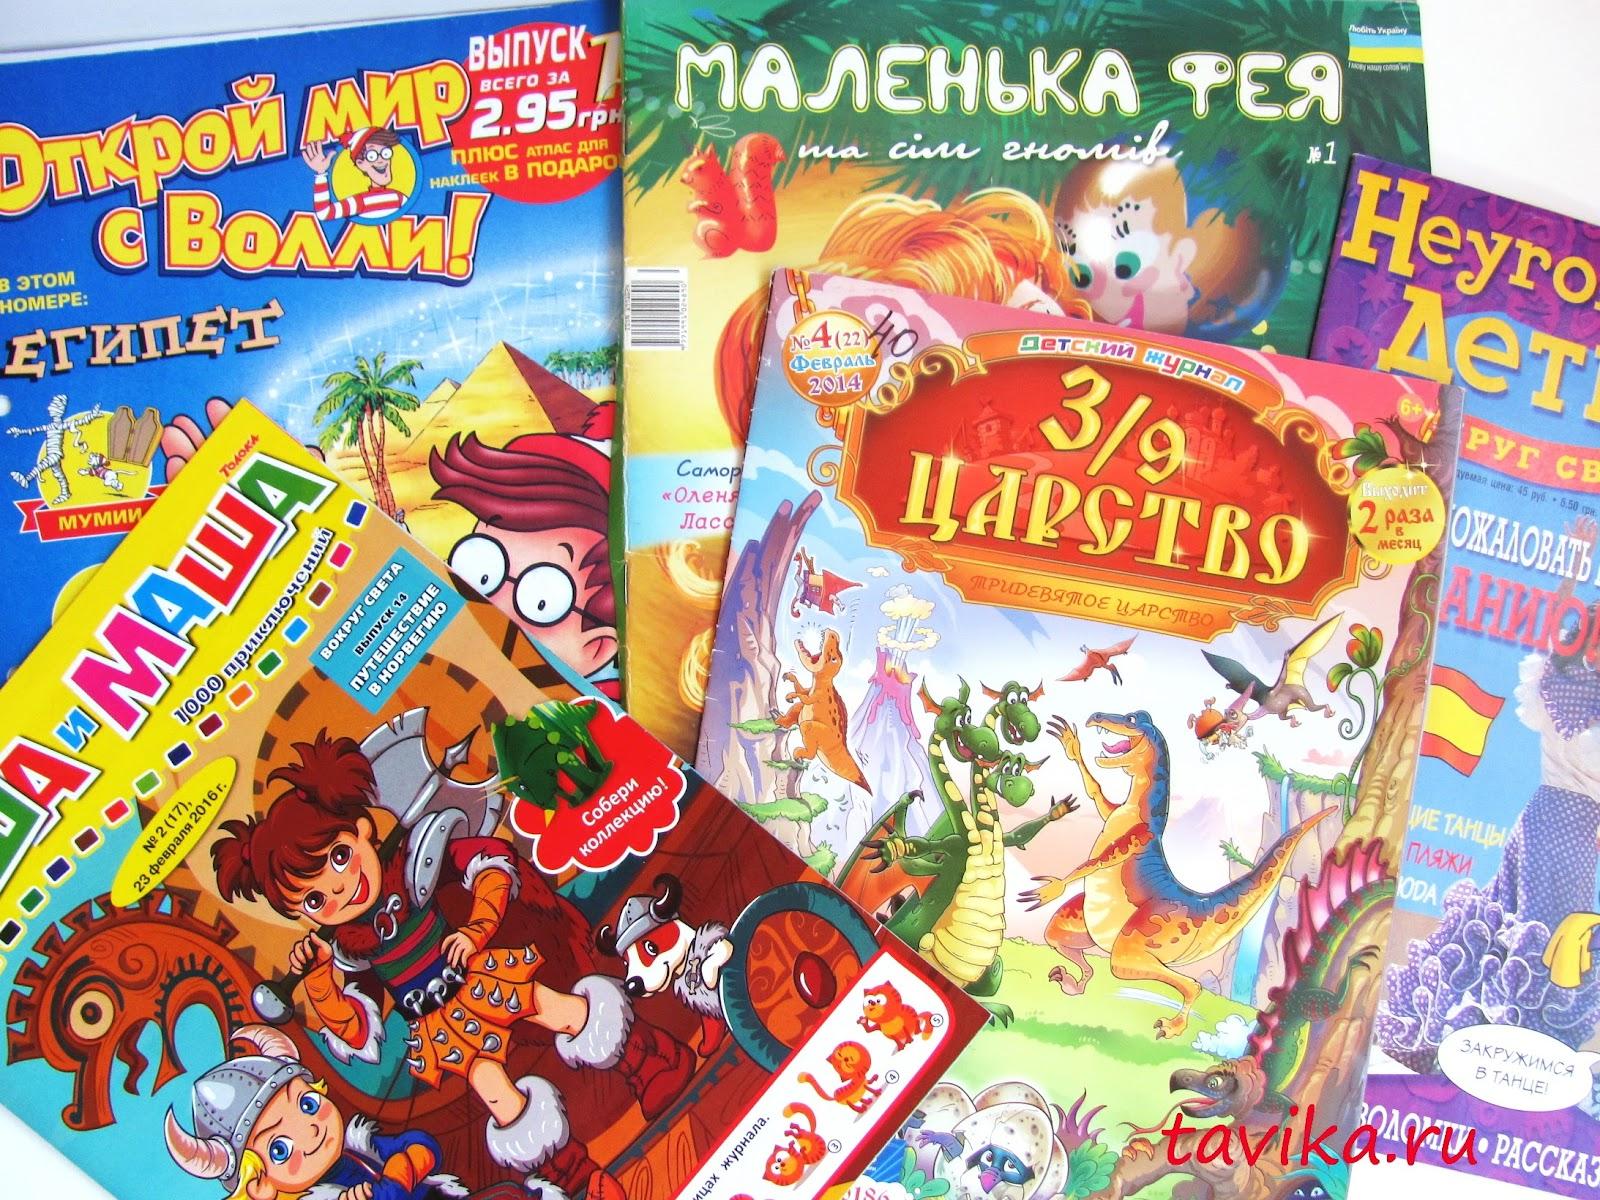 Картинки для детей журналы, днем рождения